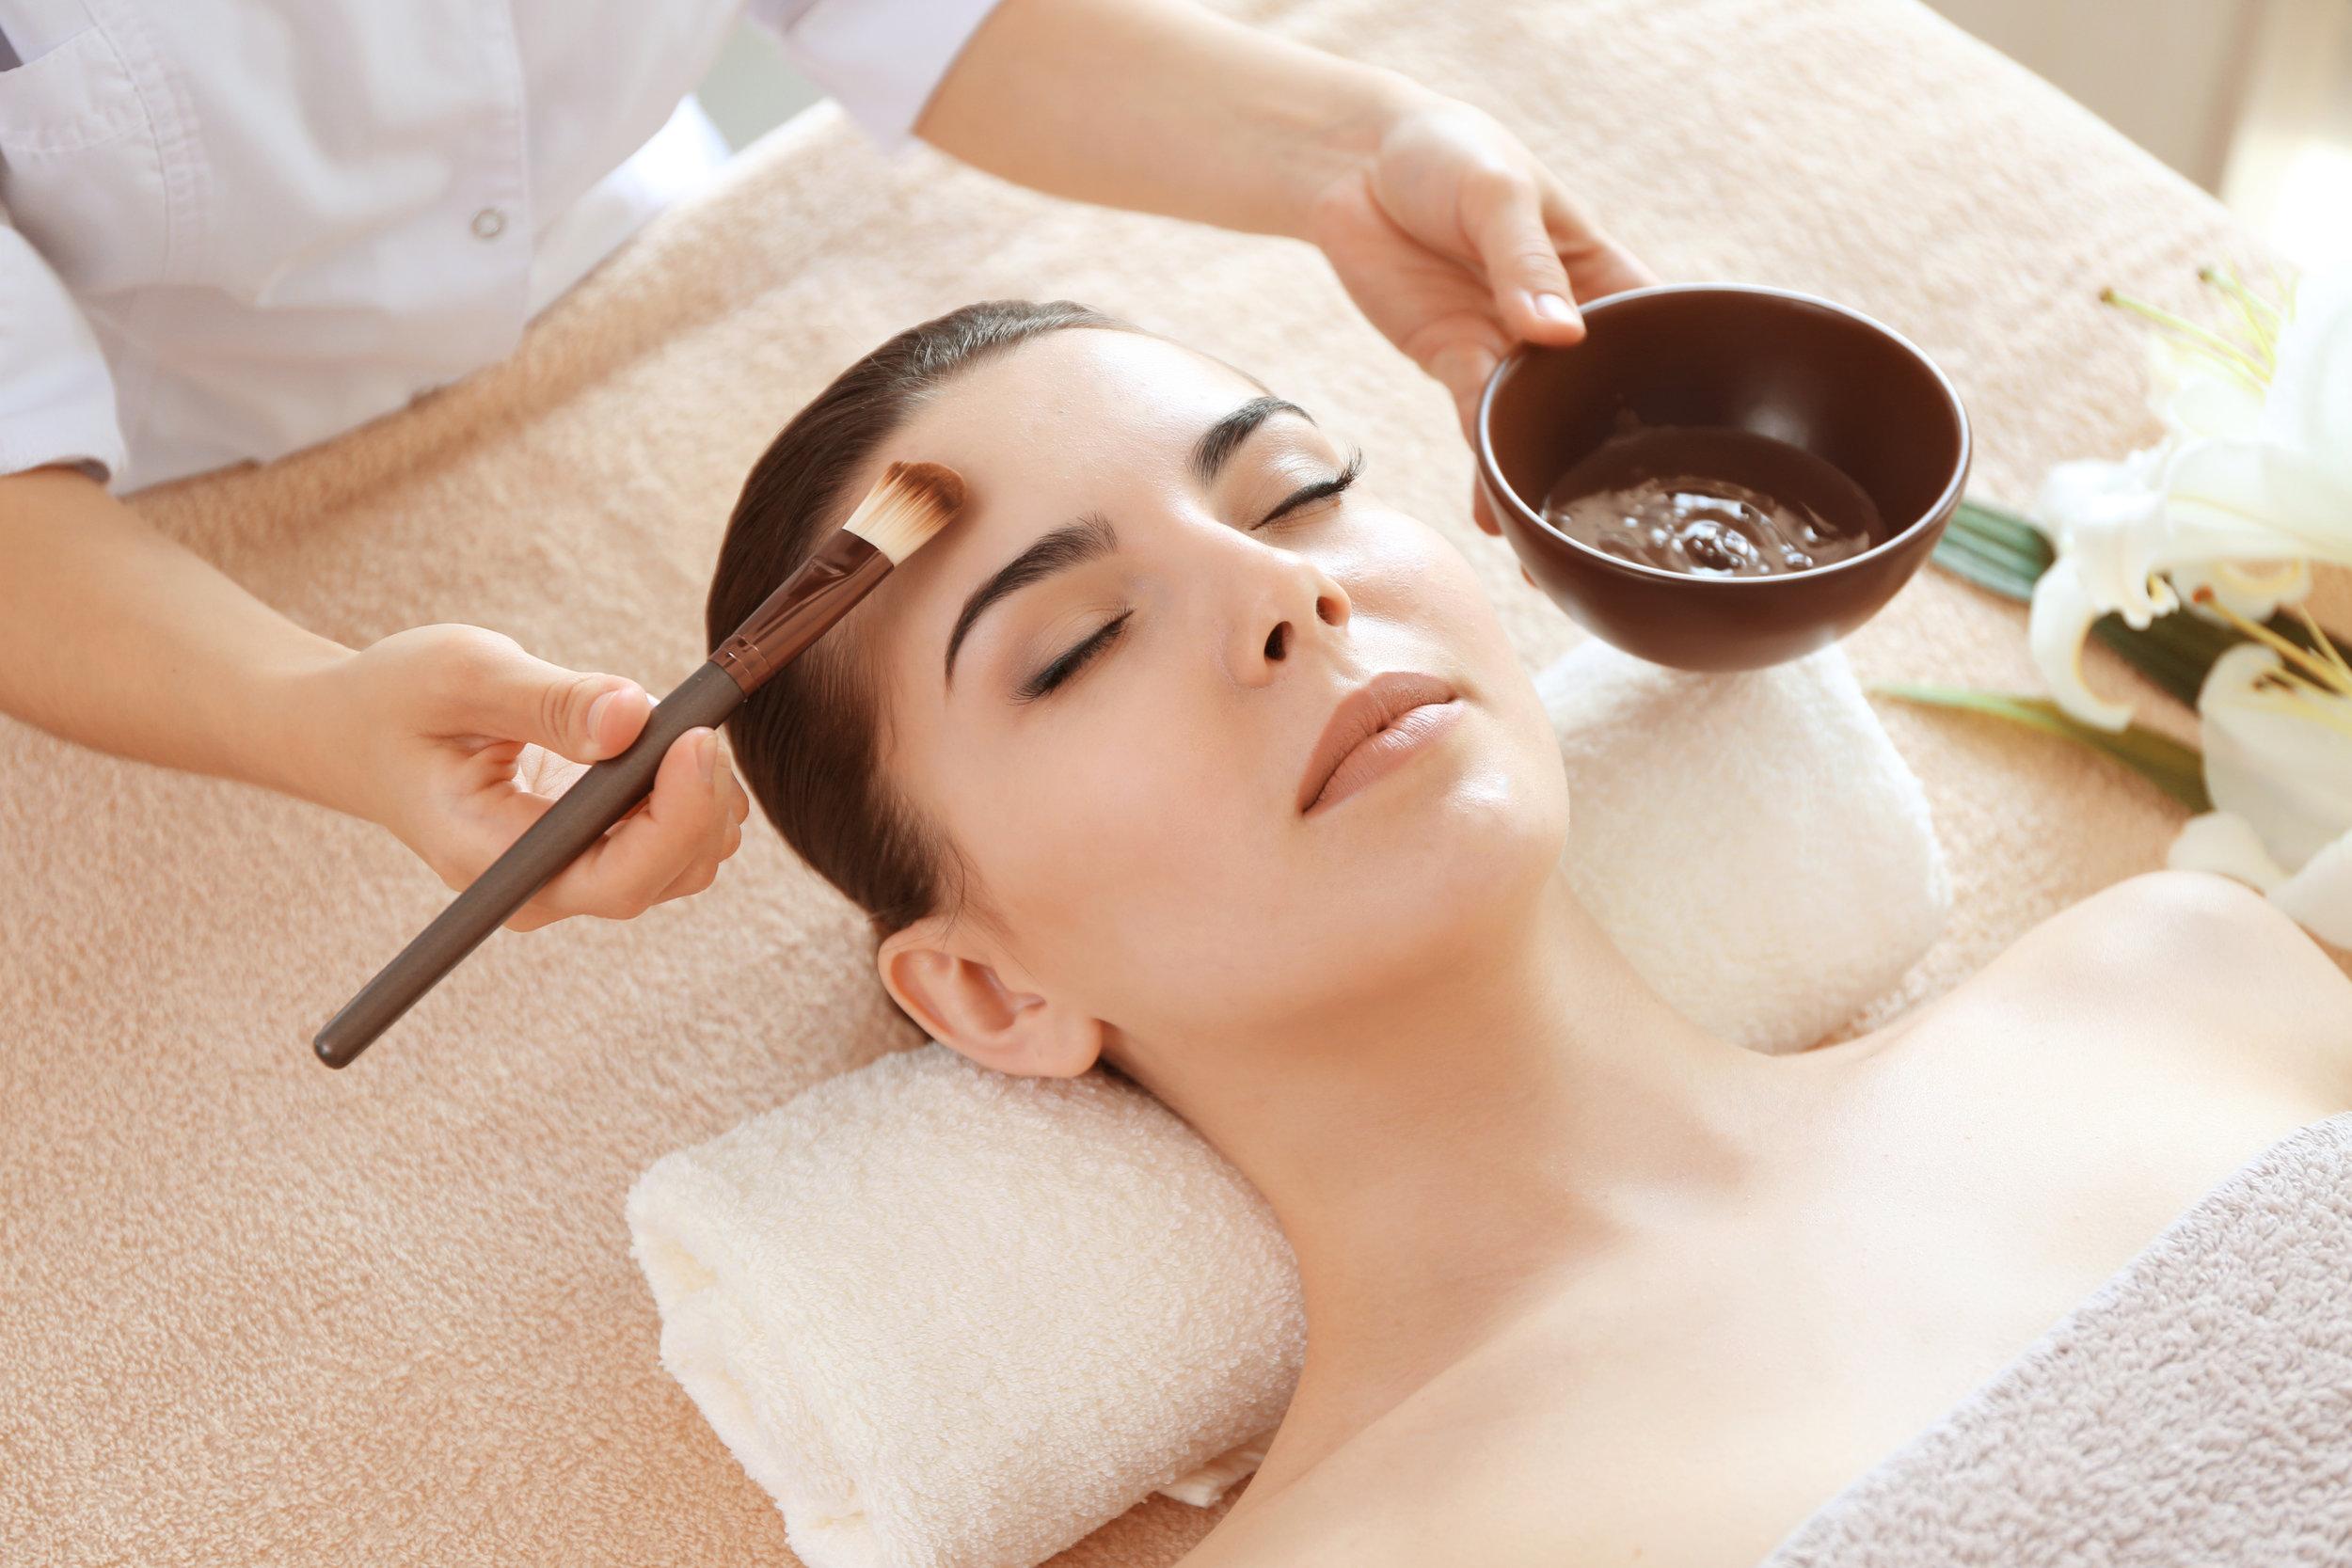 LIMN Skincare signature illume facial image